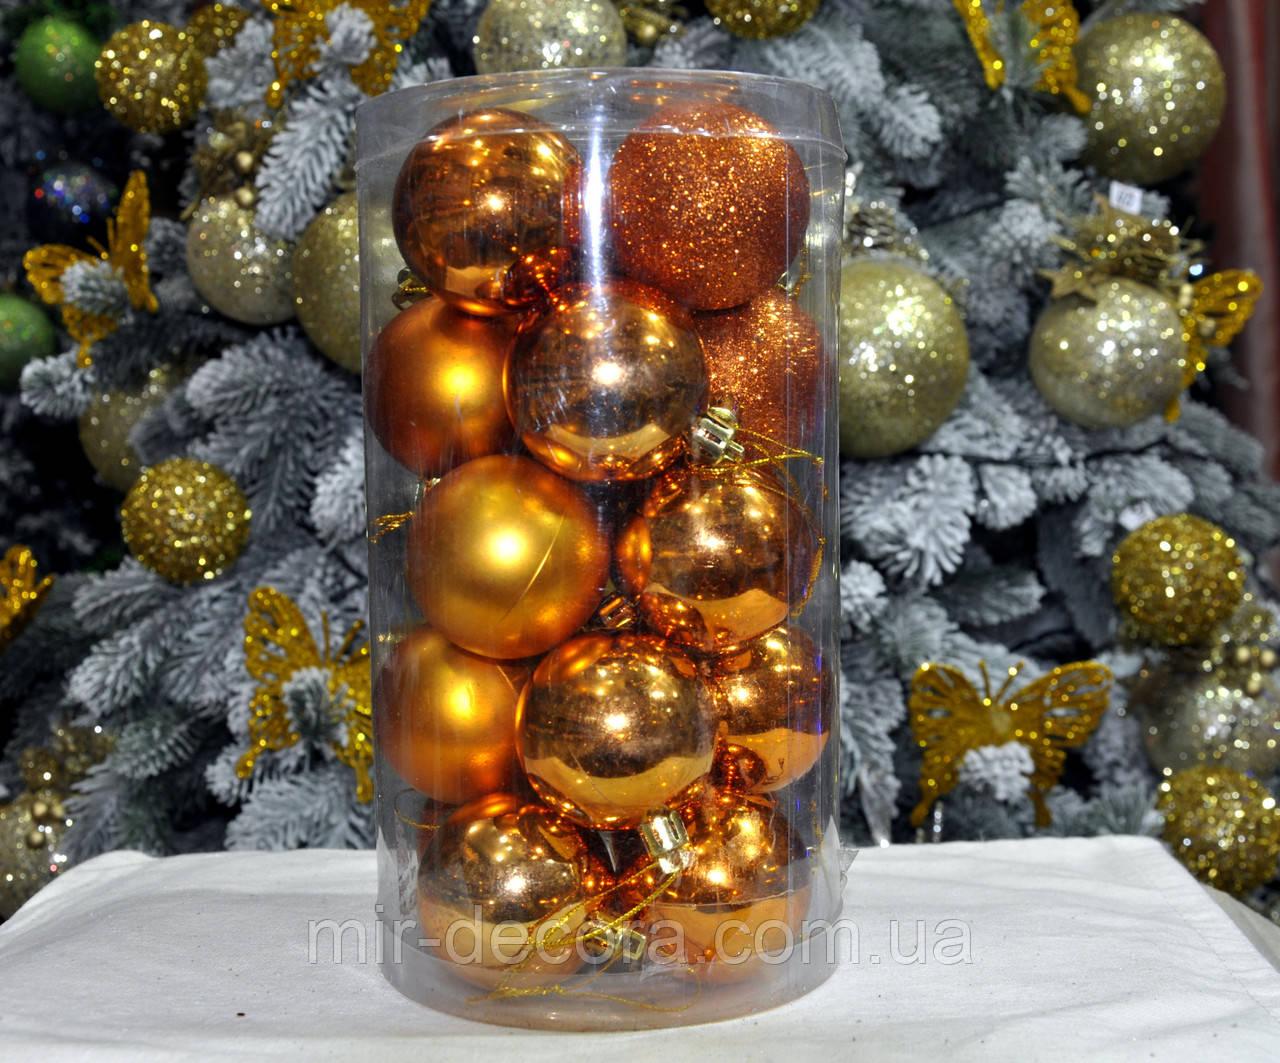 Набор новогодних шаров (пластик) 20 шт, диаметр 50 мм. Цвет оранжевый.